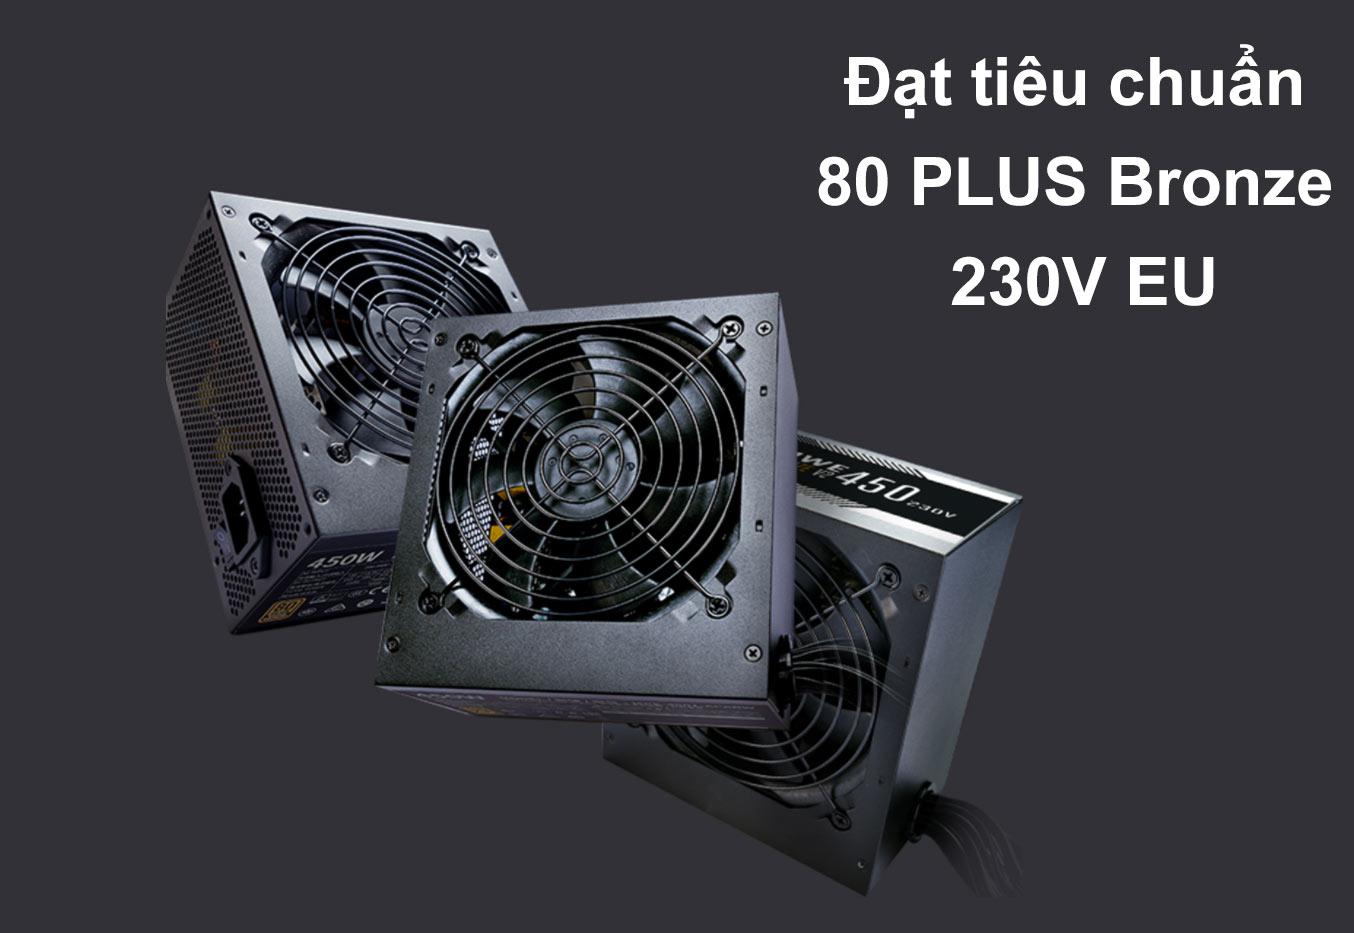 bộ nguồn Power CM MWE Bronze 450W V2 230V | Đạt tiêu chuẩn 80 Plus Bronze 230V EU